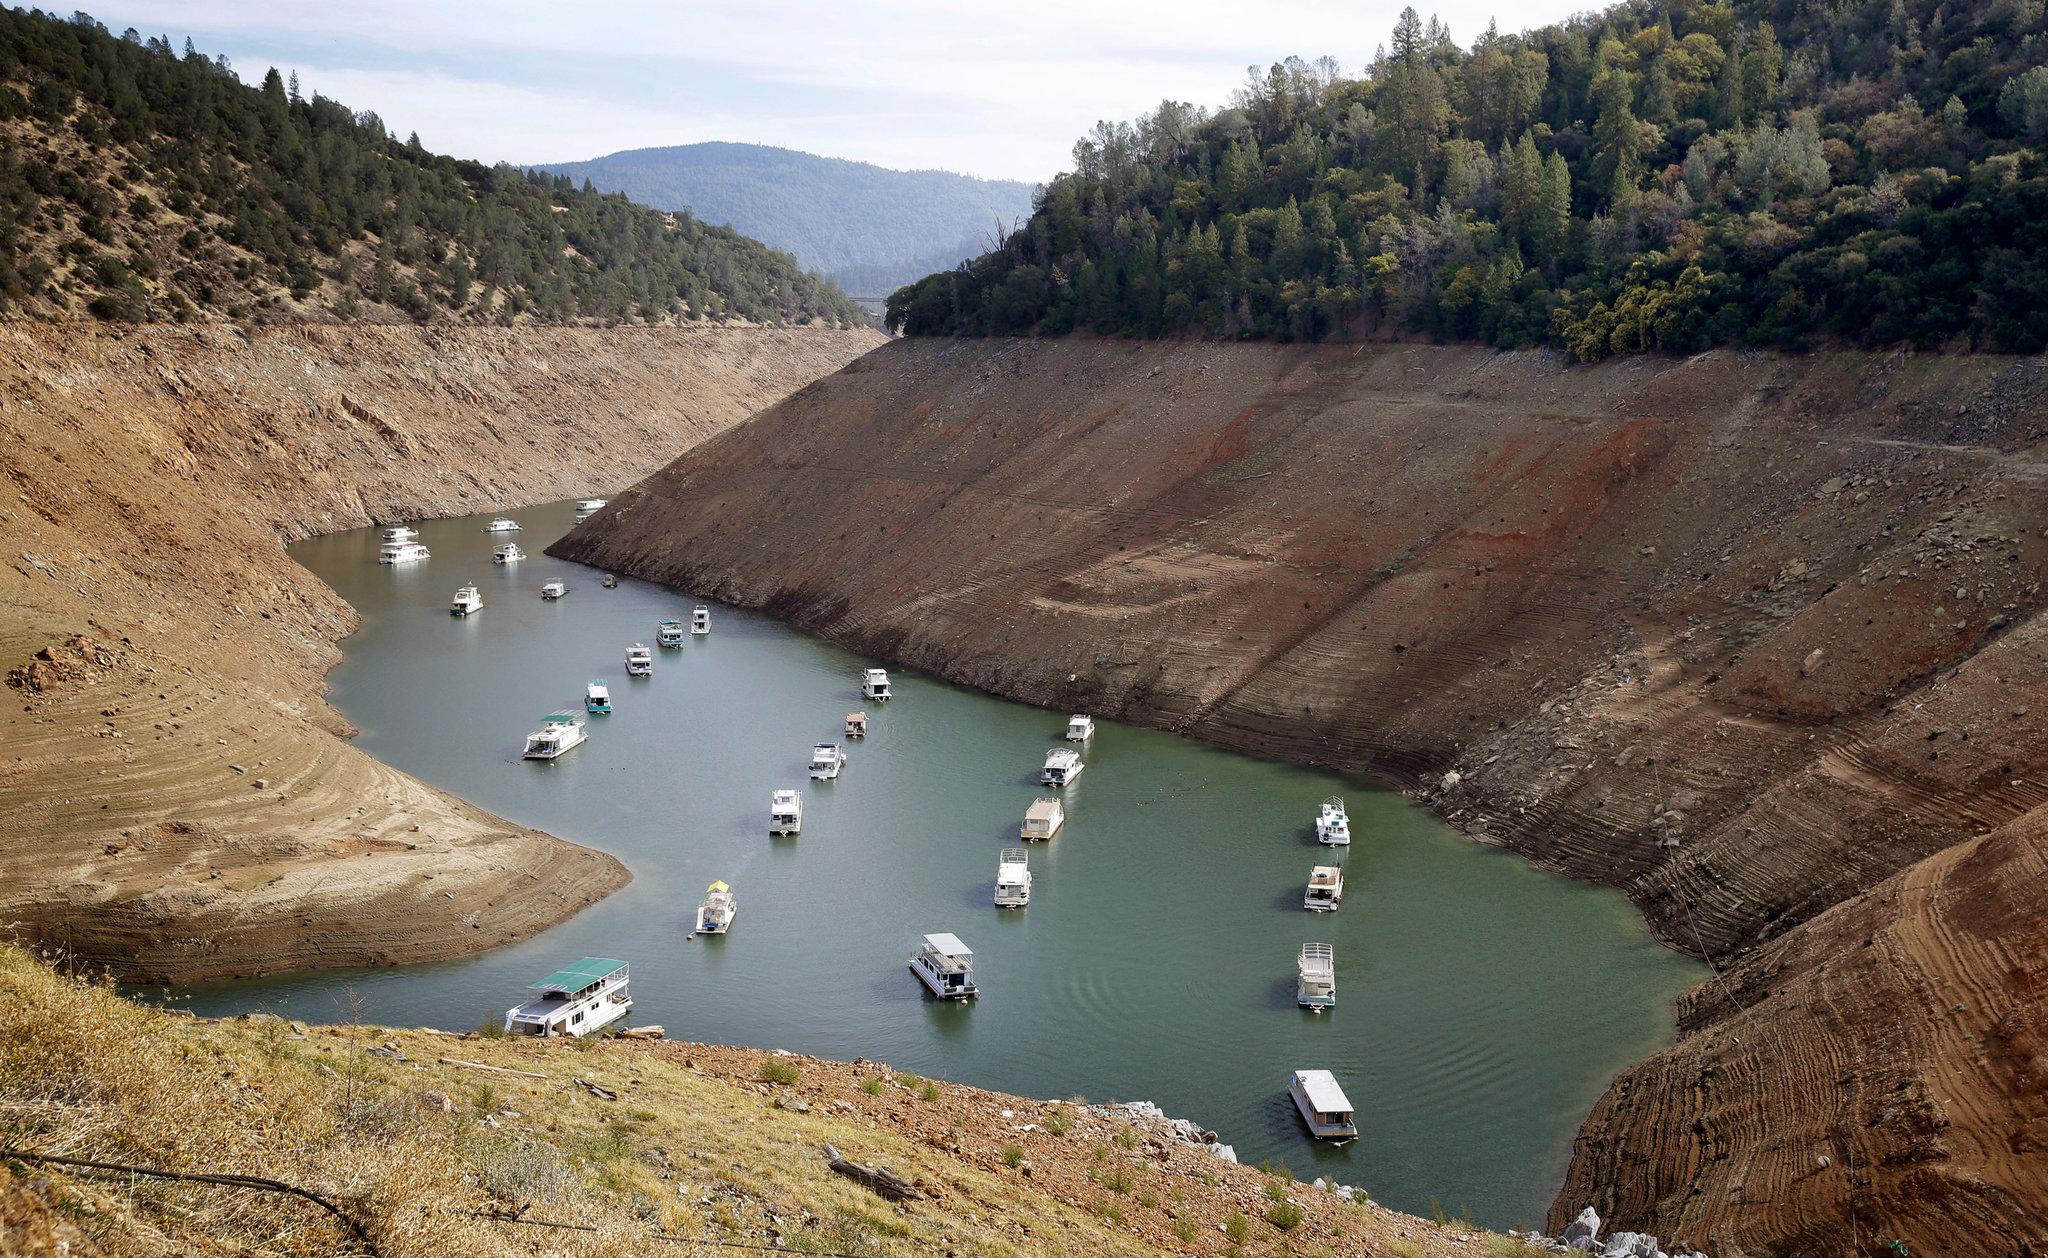 加州呼吁节约用水无效 将实施强制限水措施